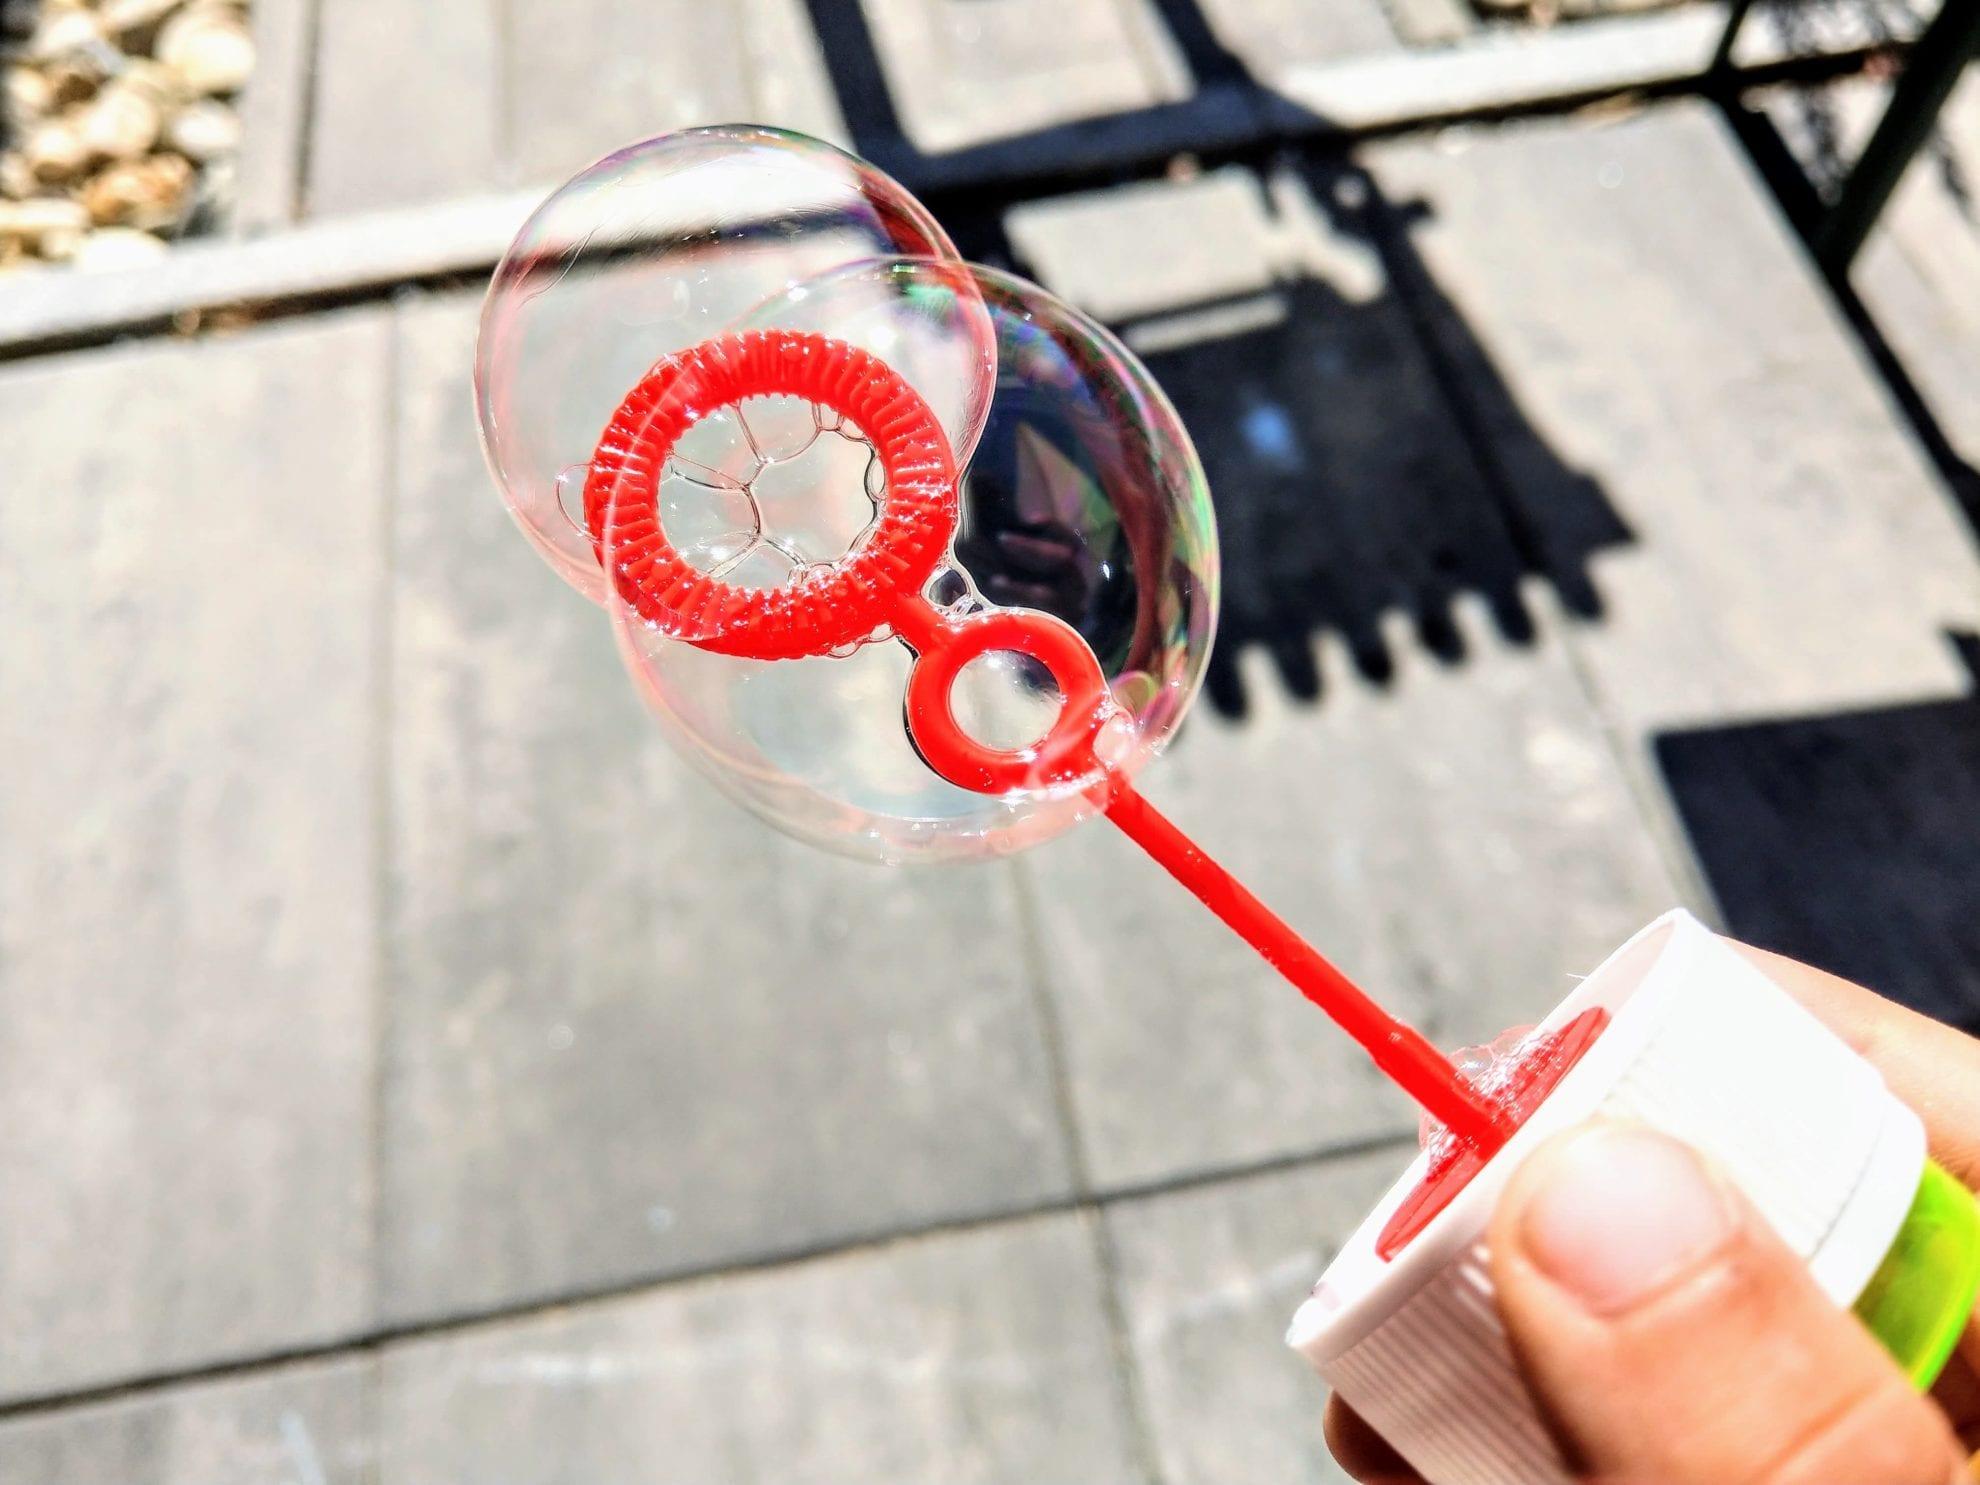 Seifenblasen sind eine tolle Beschäftigung für Kinder. Gerade heute hat es sich angeboten, die Seifenblasen auszupacken.